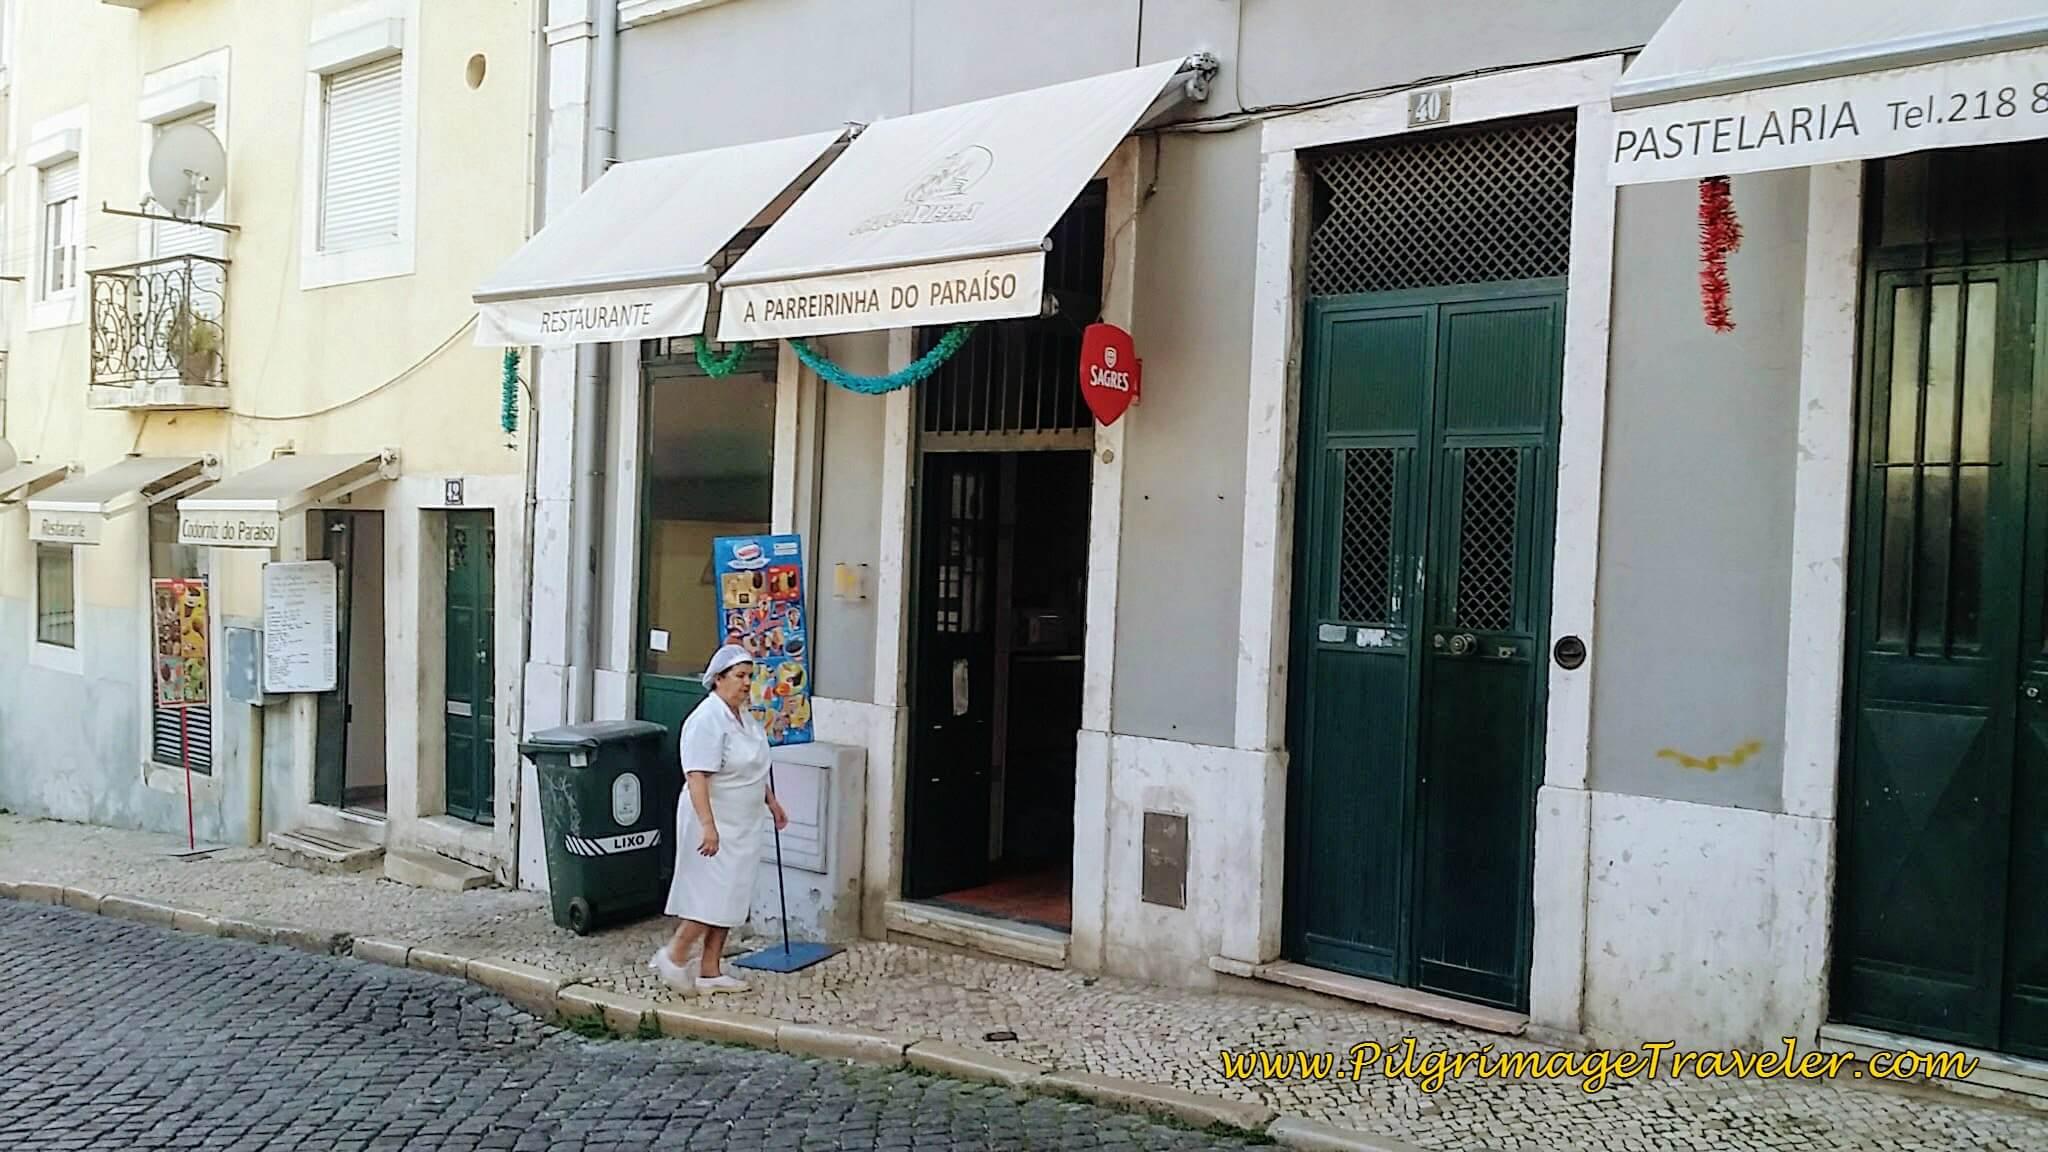 Pastelaria along the Rua do Paraíso